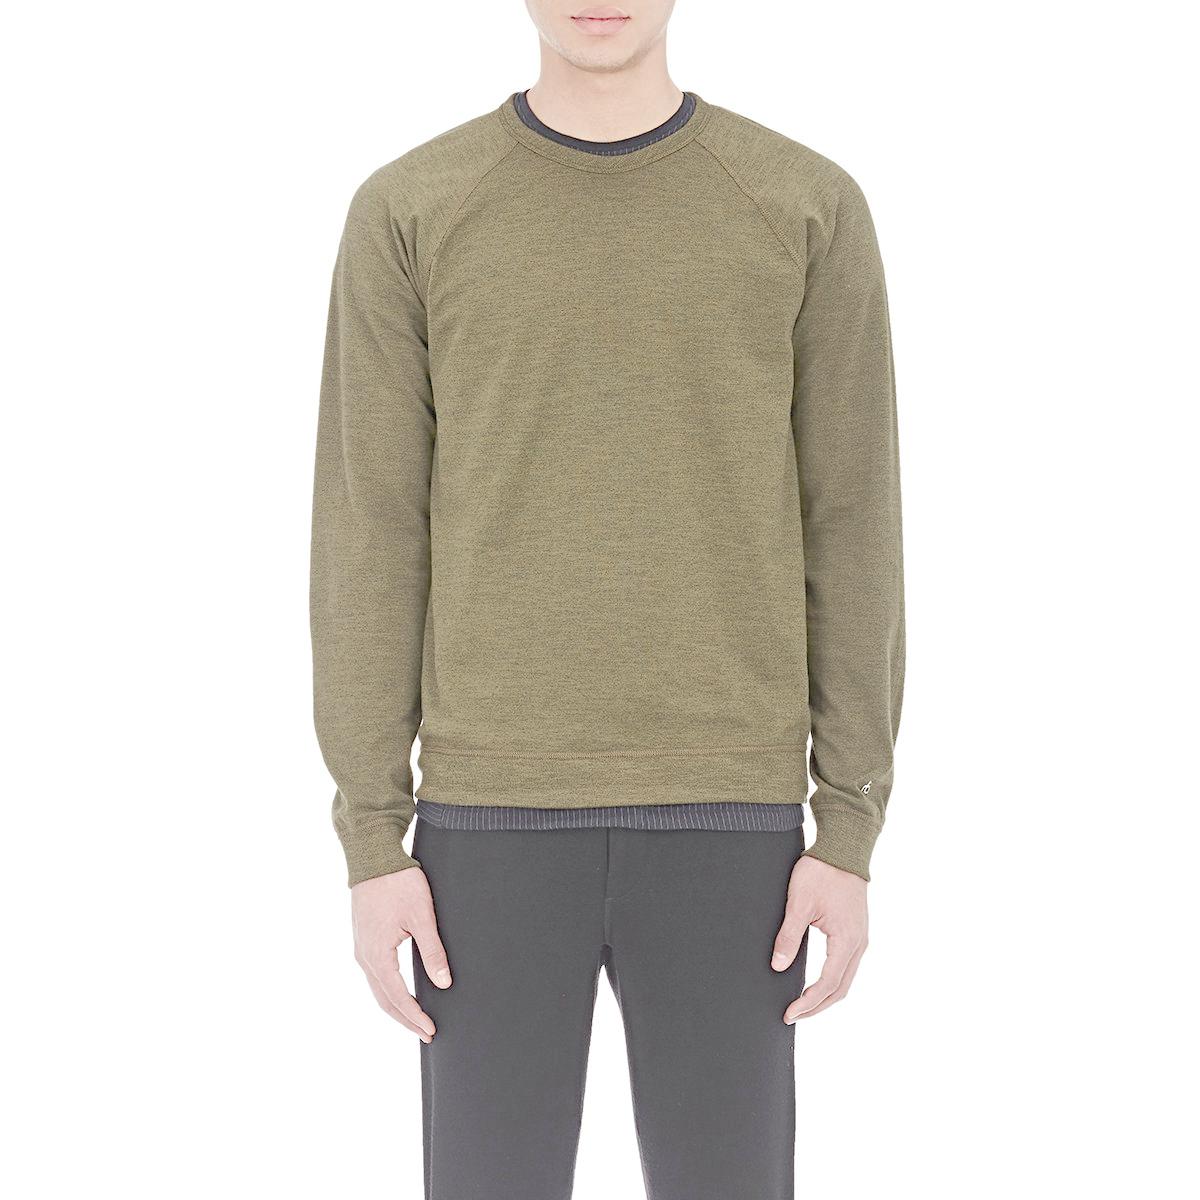 Rag bone long sleeve t shirt in green for men lyst for Rag bone shirt